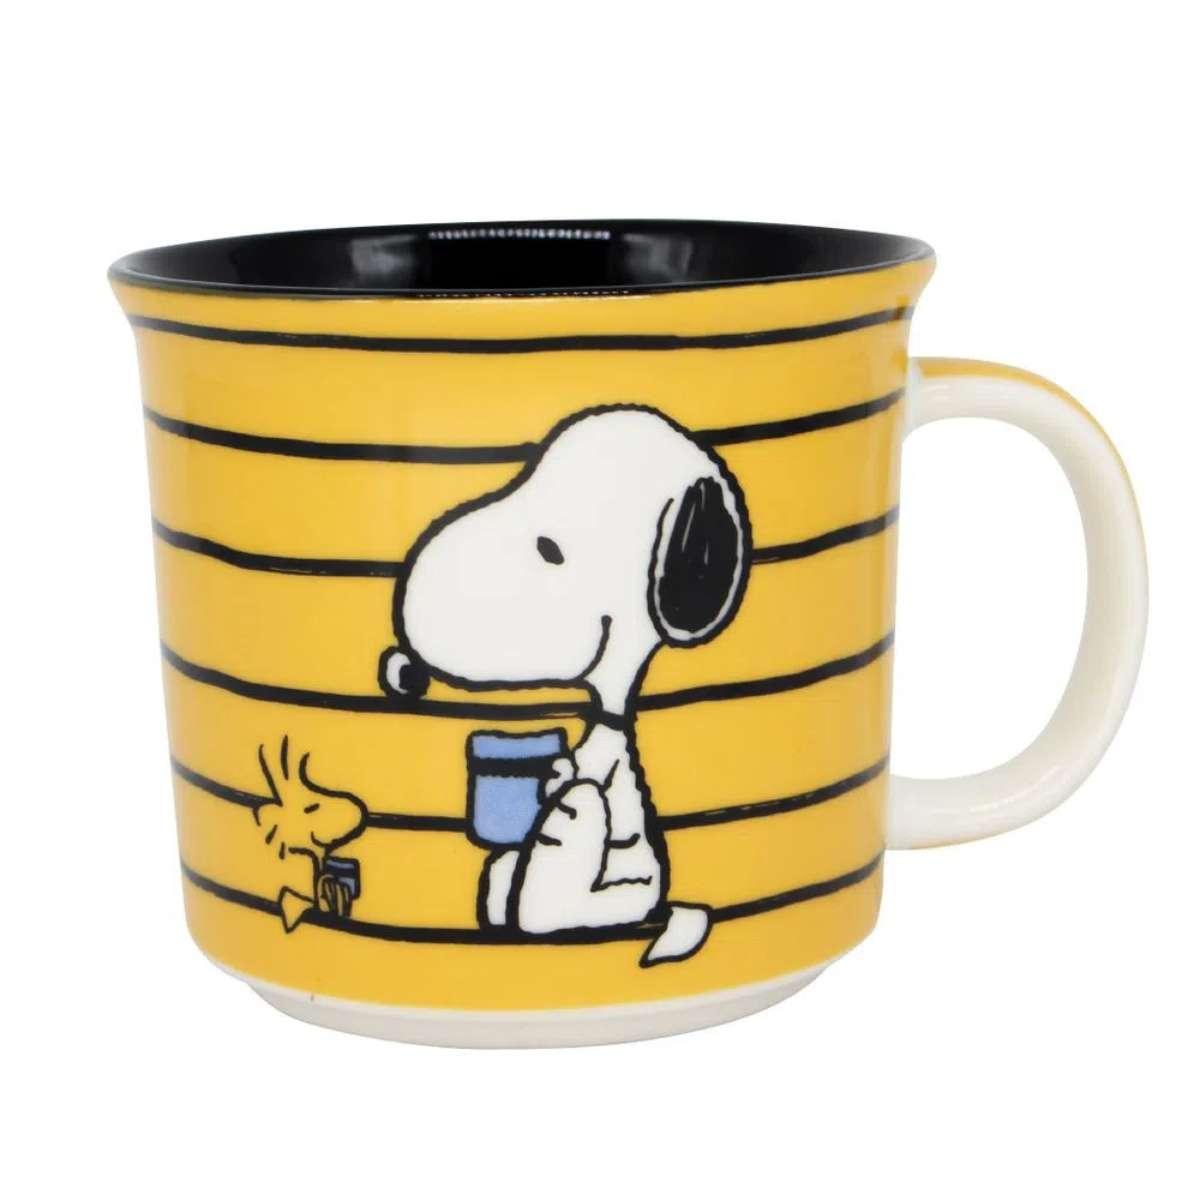 Caneca Snoopy Listrada Lazy Days HQ Charlie Brown